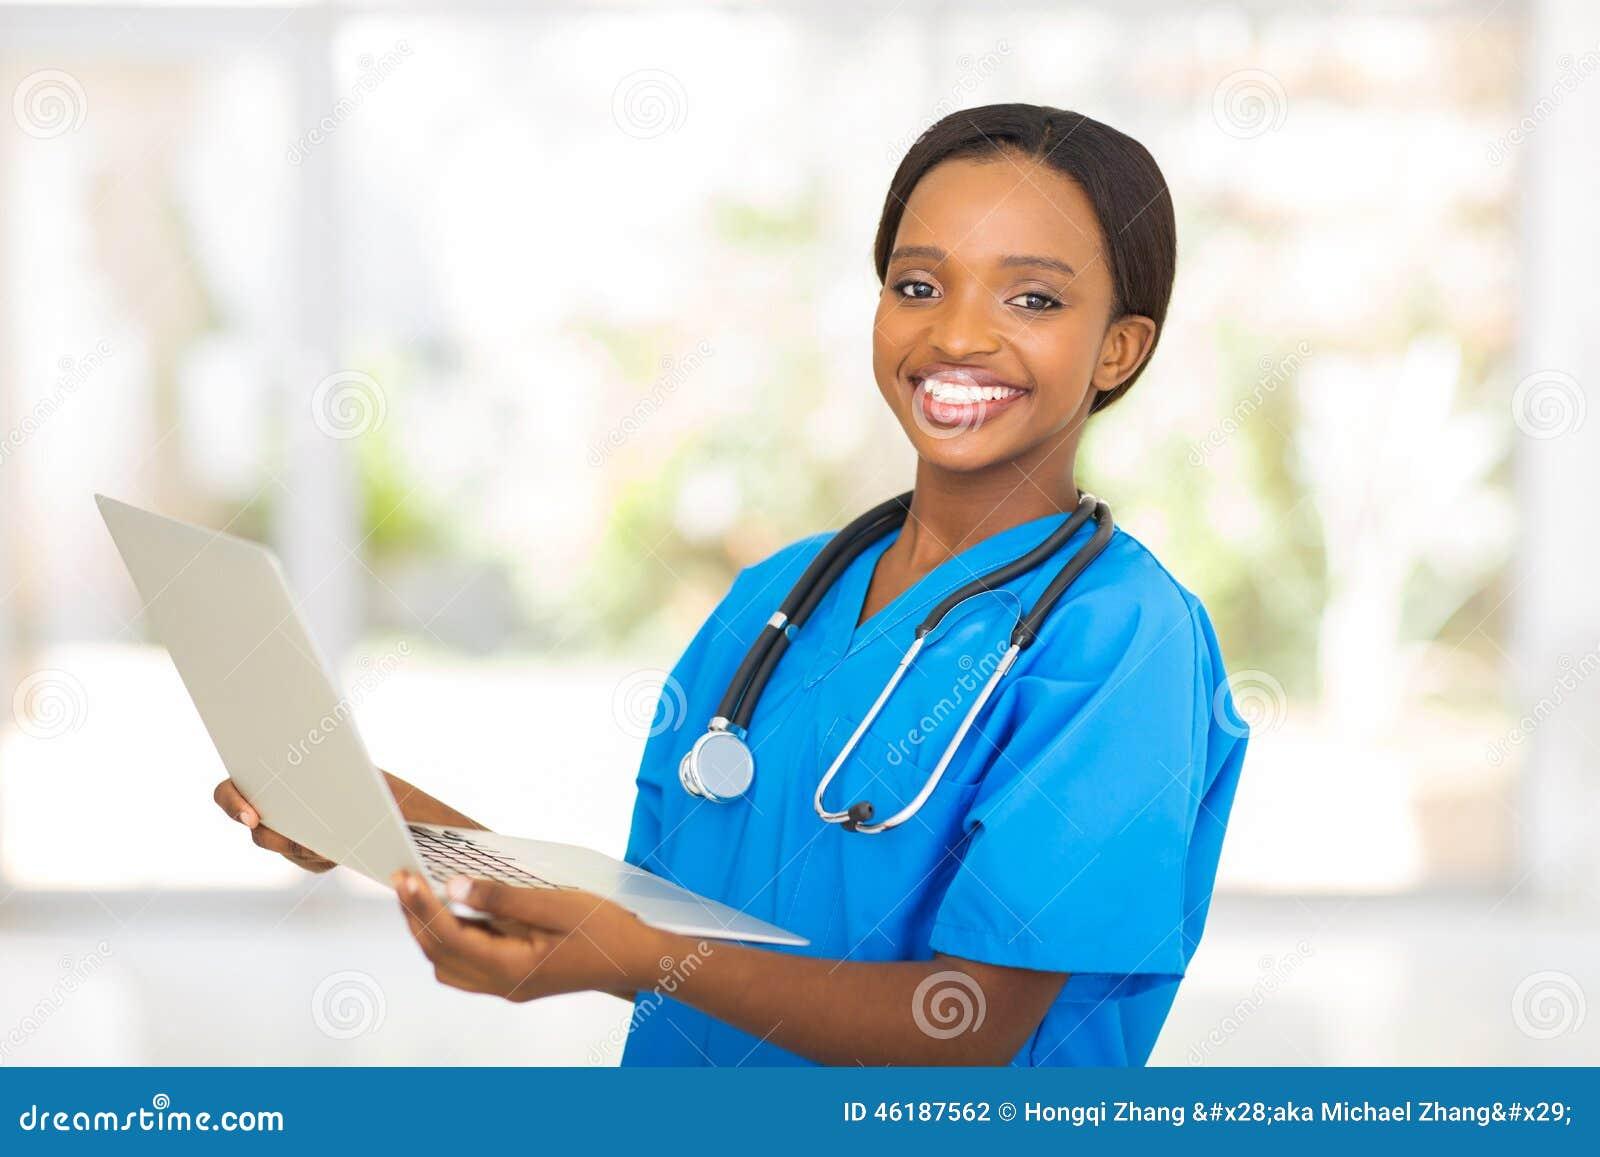 Medische arbeiderslaptop